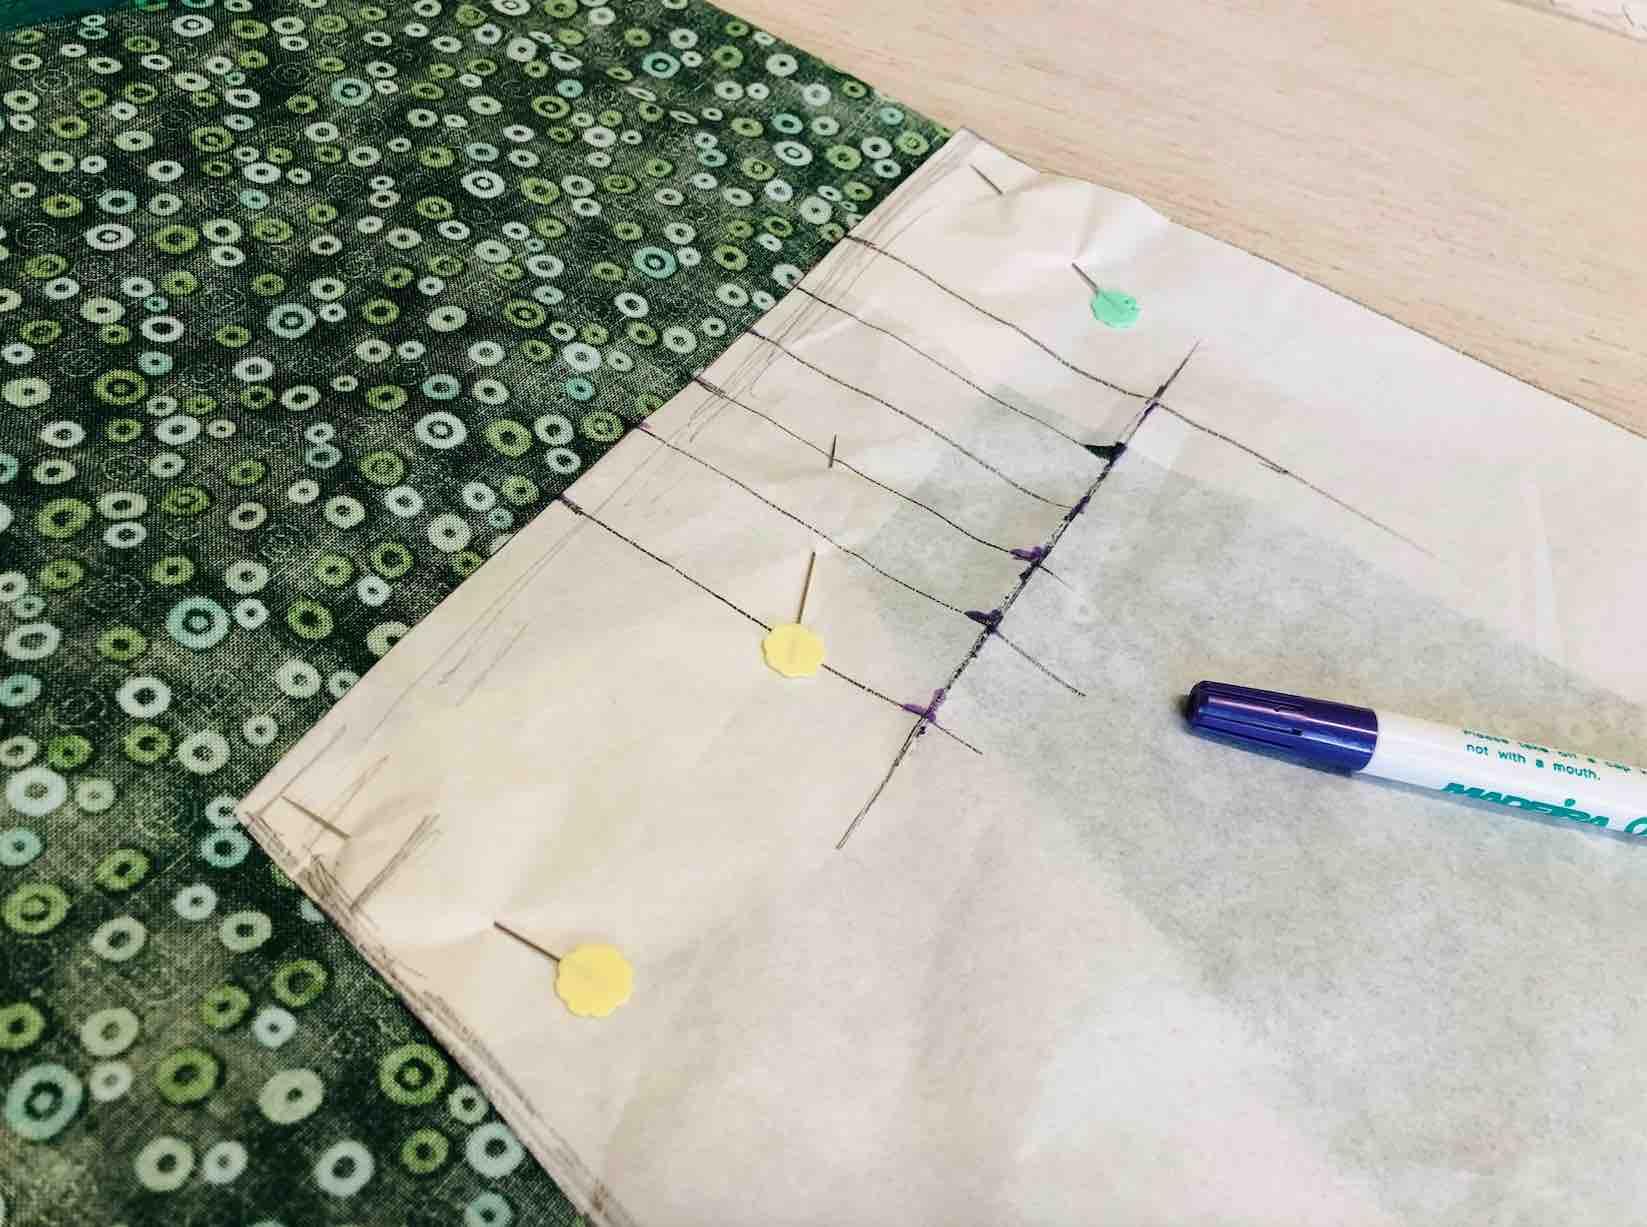 tracciare le nervature con una penna termica